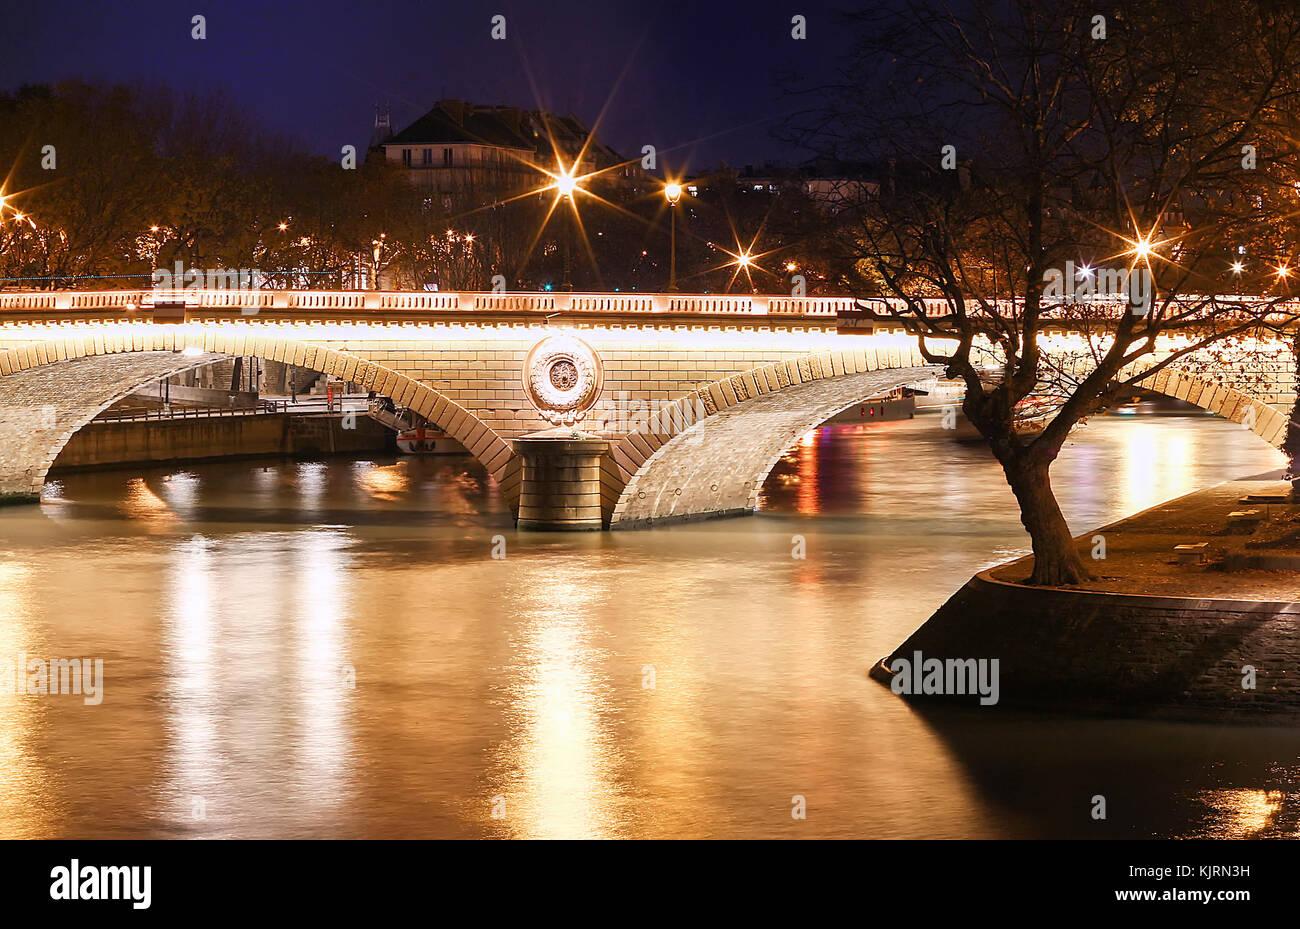 The pont Louis-Philippe is a bridge across the river Seine in Paris. It links the Quai de Bourbon on the Ile Saint - Stock Image